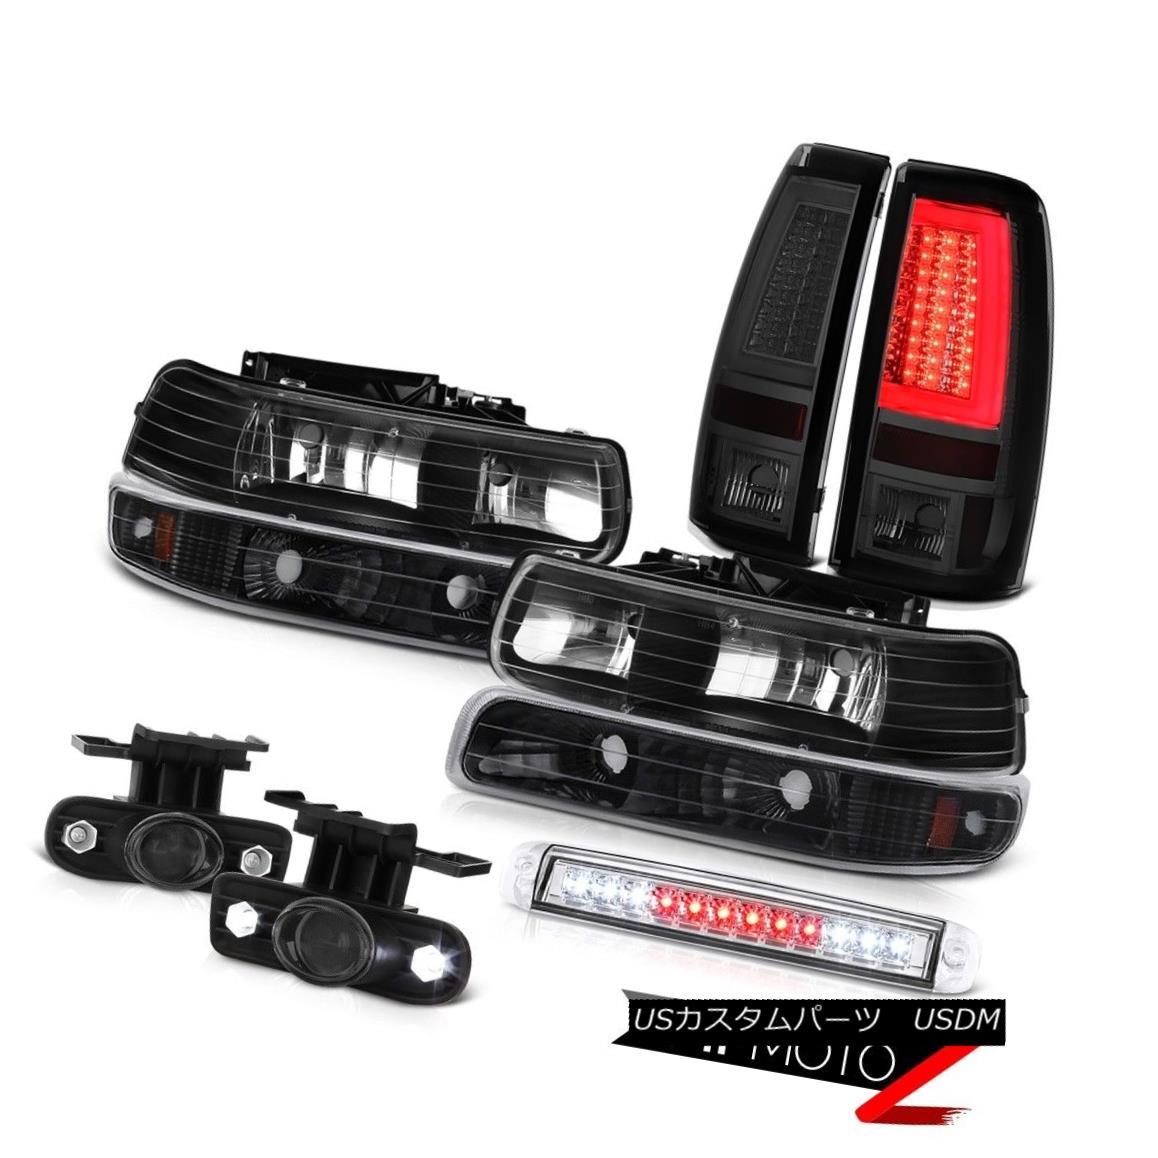 テールライト 1999-2002 Silverado LS Tail Lights Roof Brake Light Headlamps Fog LED Assembly 1999-2002 Silverado LSテールライトルーフブレーキライトヘッドランプフォグLEDアセンブリ